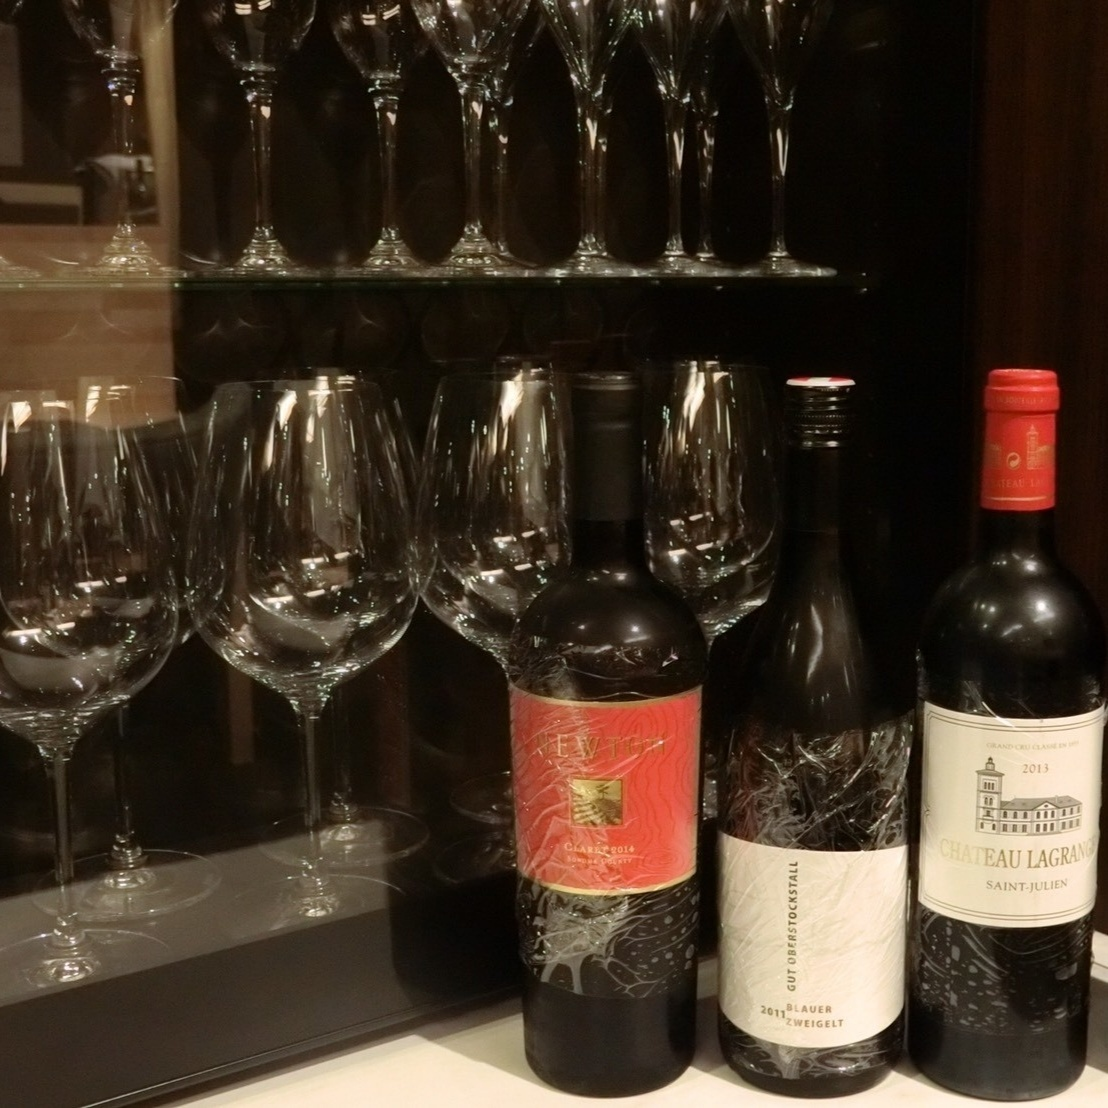 상시 70 종류의 와인을 갖추고 있습니다!